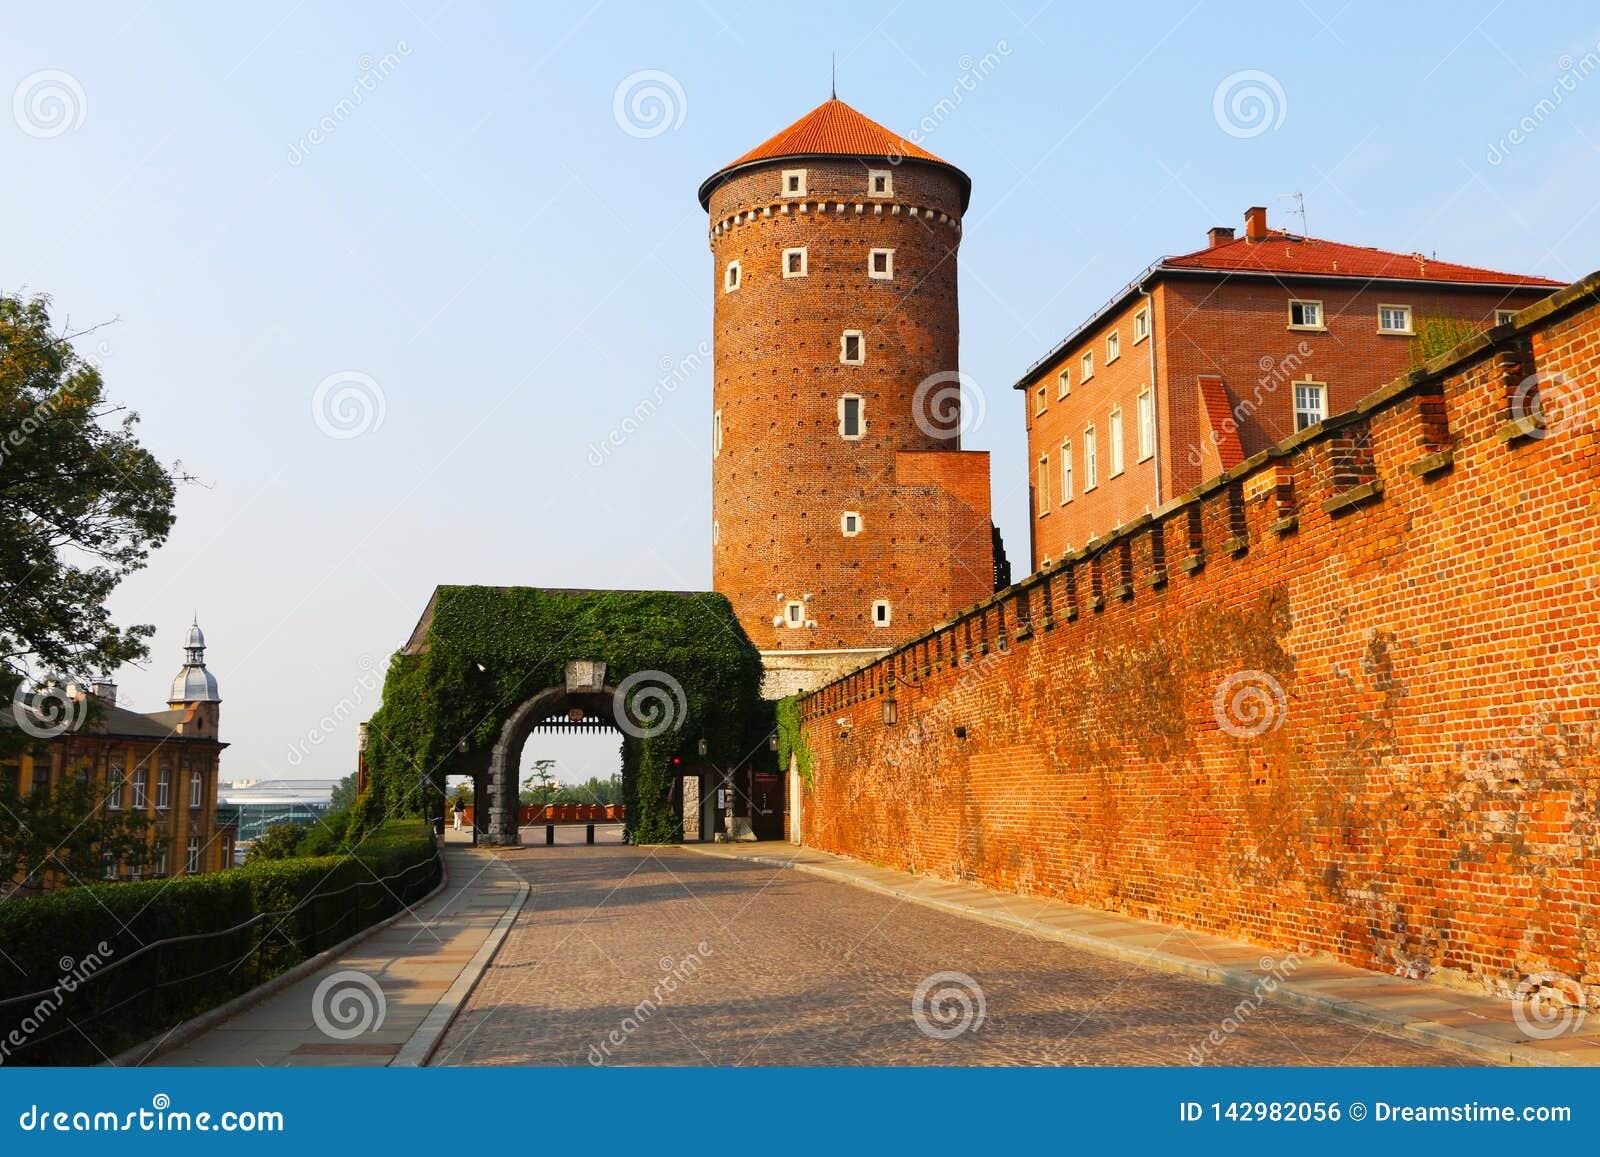 Historische Stadt von Krakau im Herzen von Polen